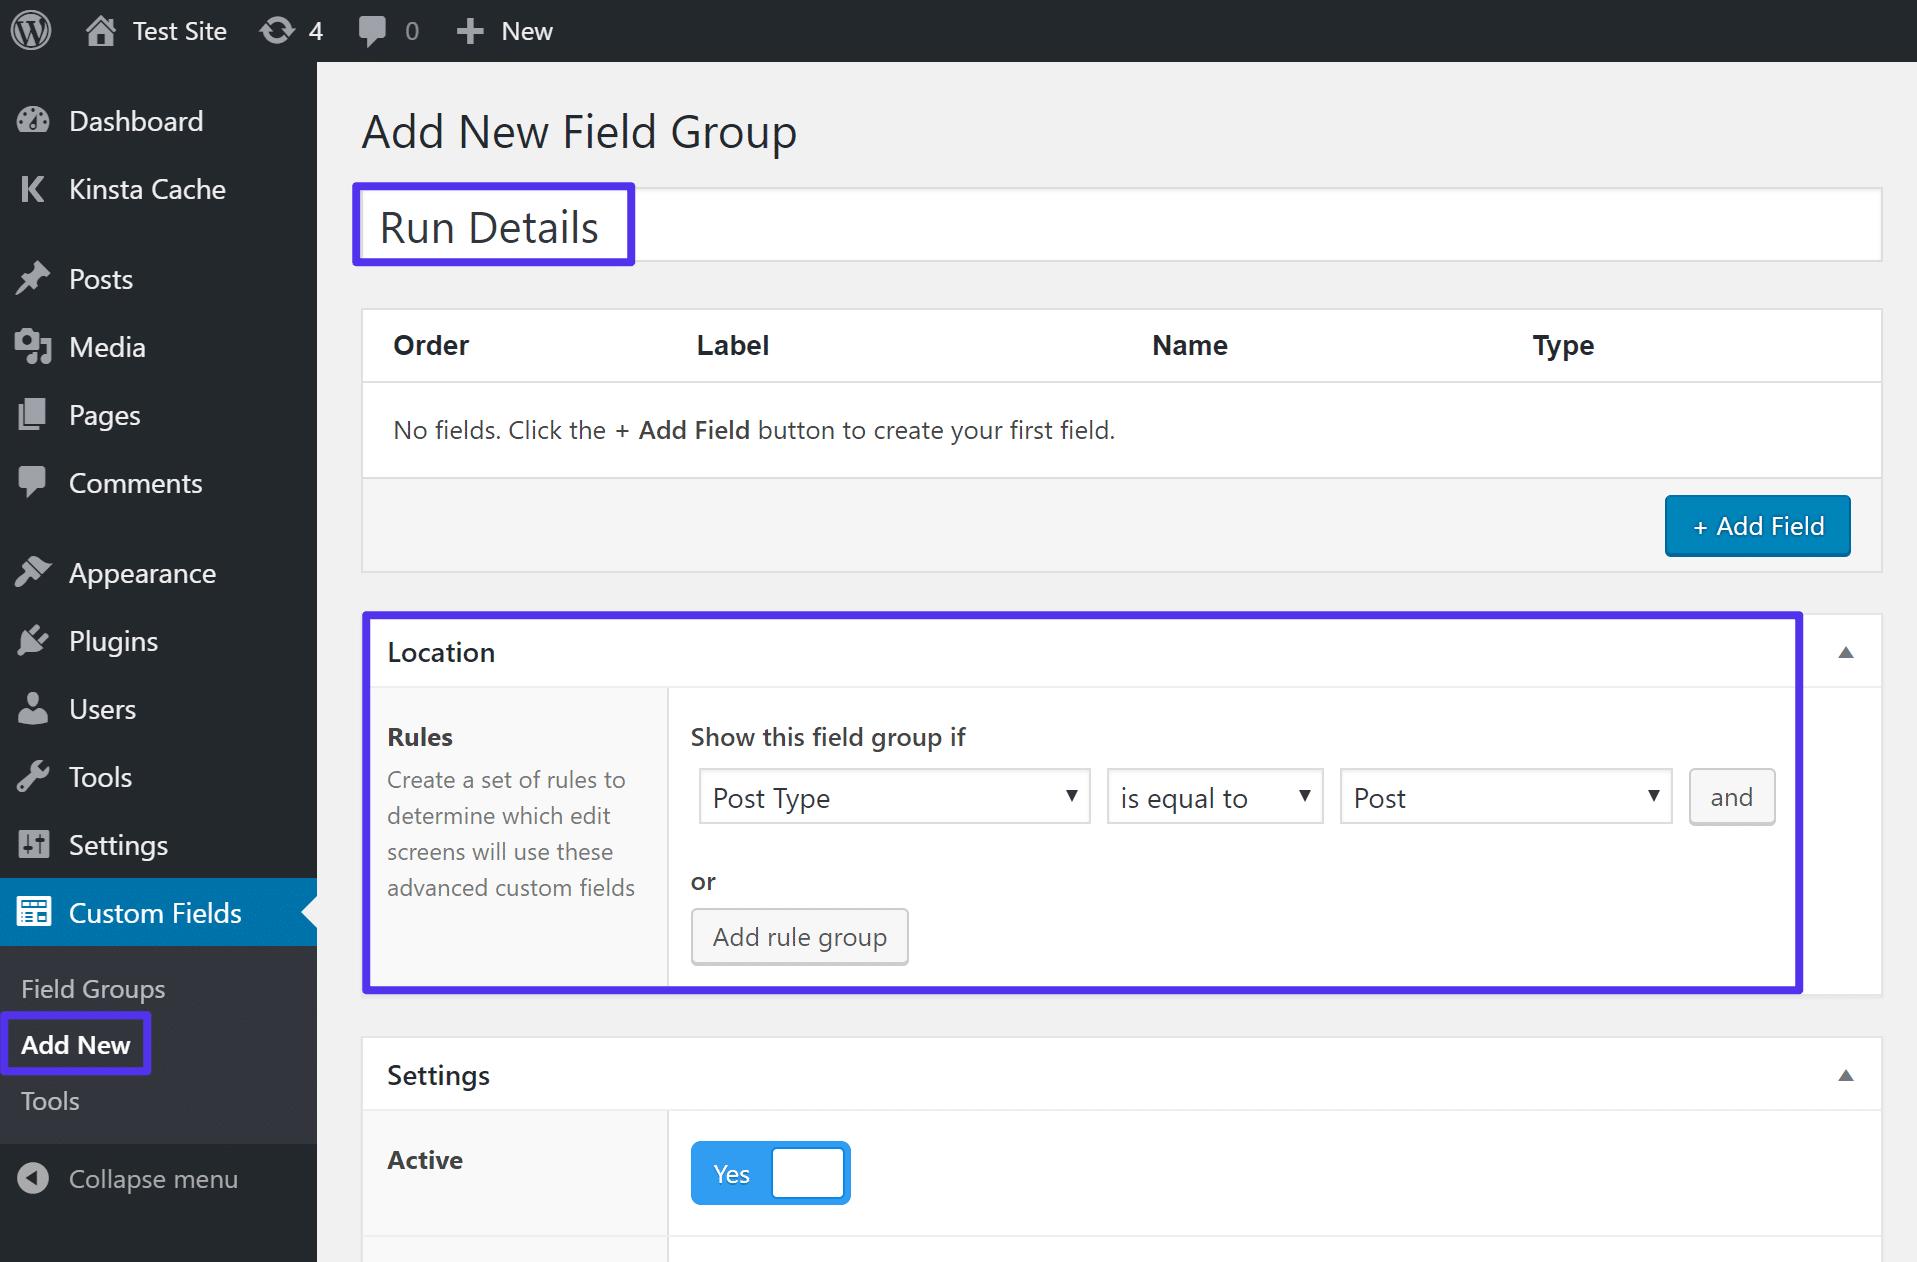 Créer un nouveau groupe de champs ACF